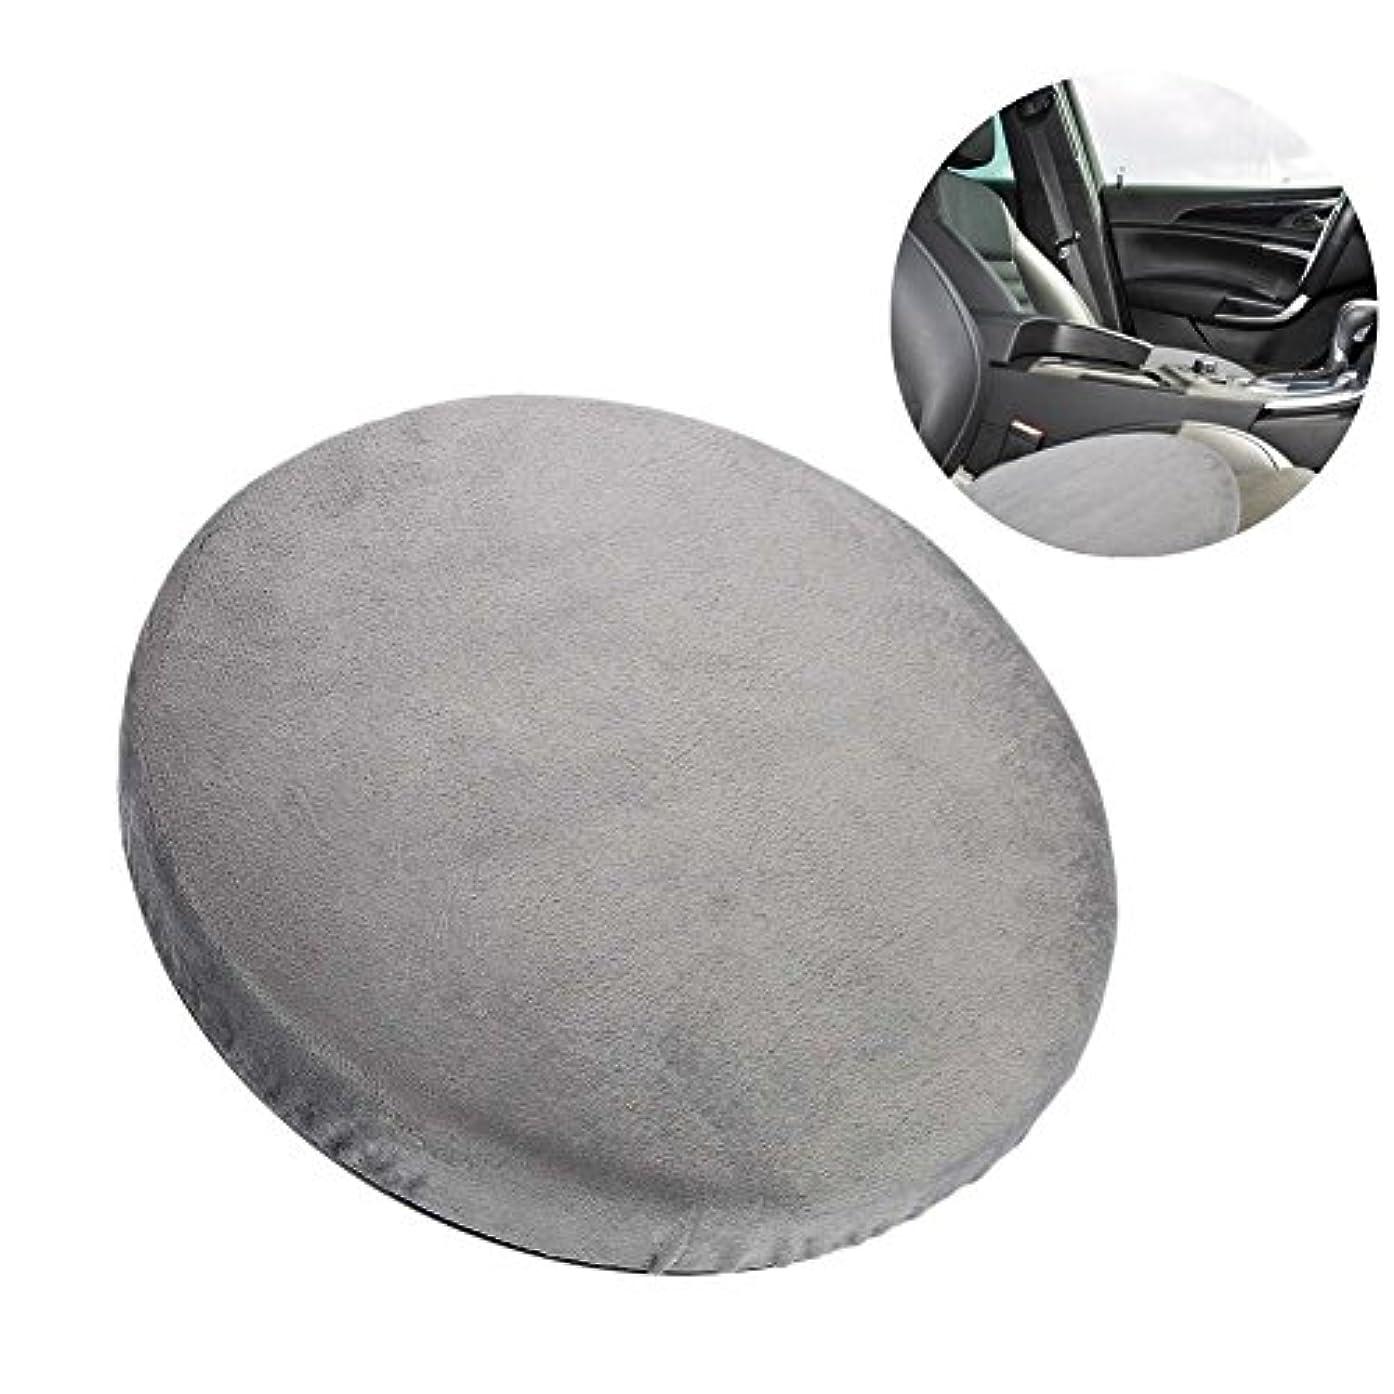 実験的教育愛人の座席クッション、360°回転クッション車のオフィスおよび家の使用のための滑り止めの回転イスのパッドは腰痛および圧力を取り除く